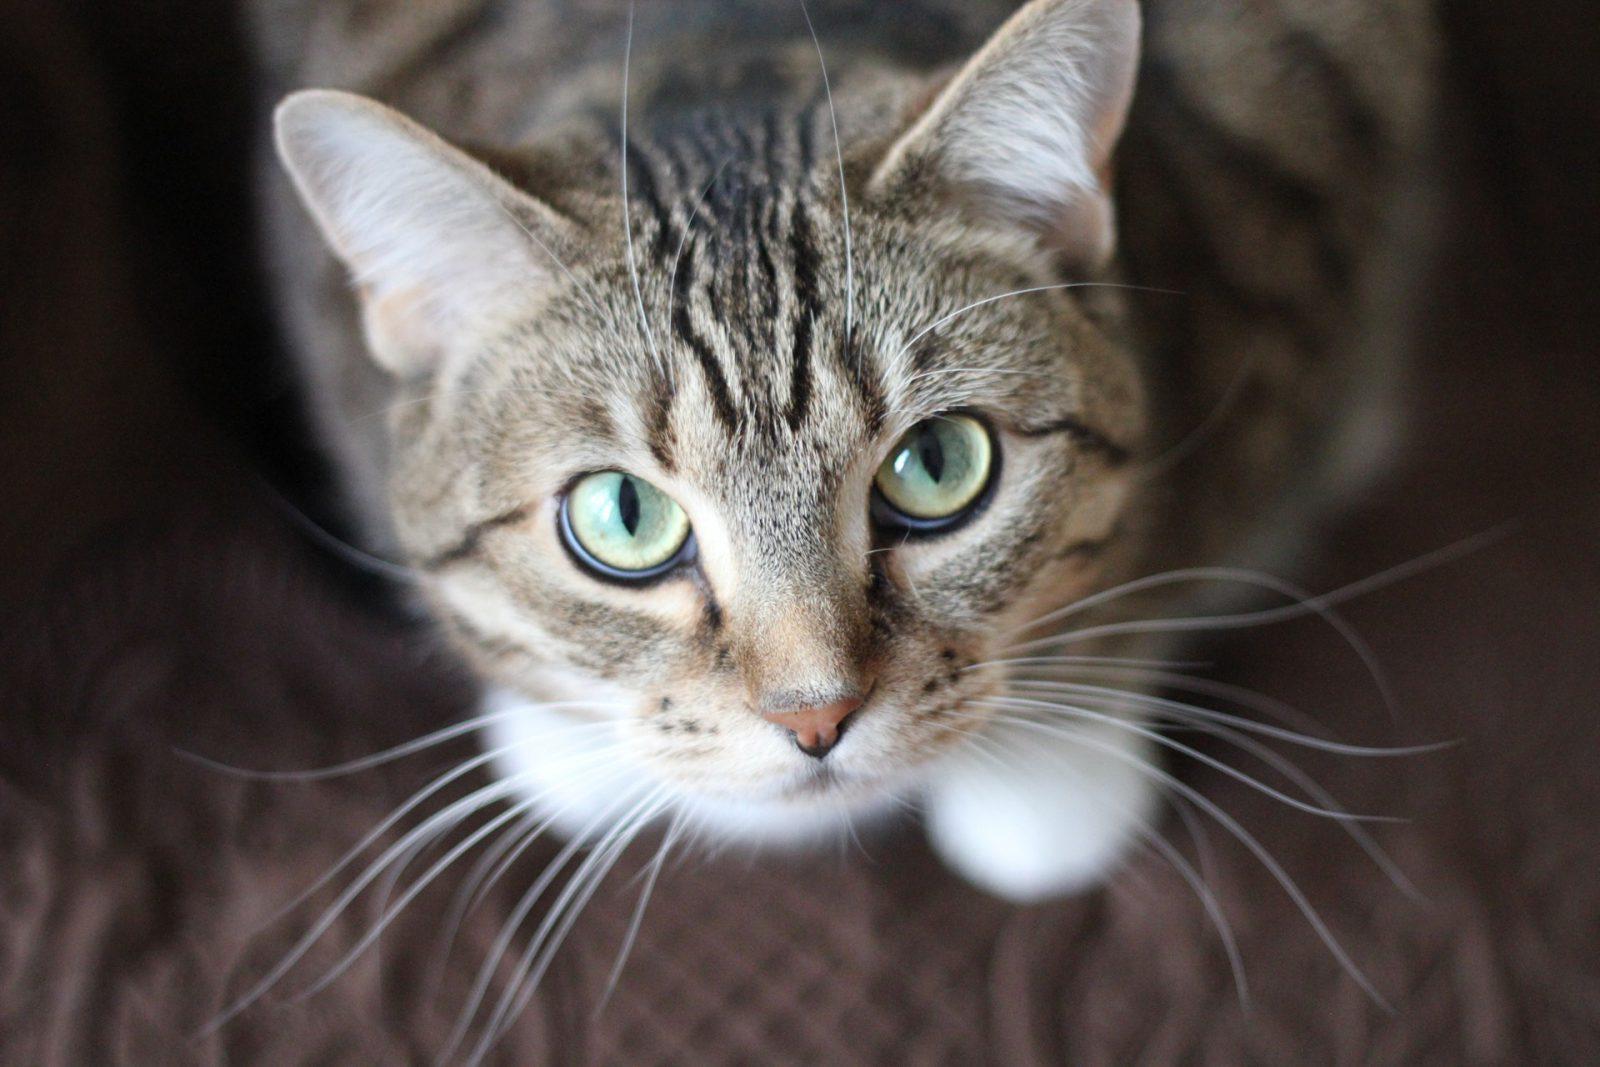 Sonhar com gato miando indica que estão falando mal de você pelas costas.